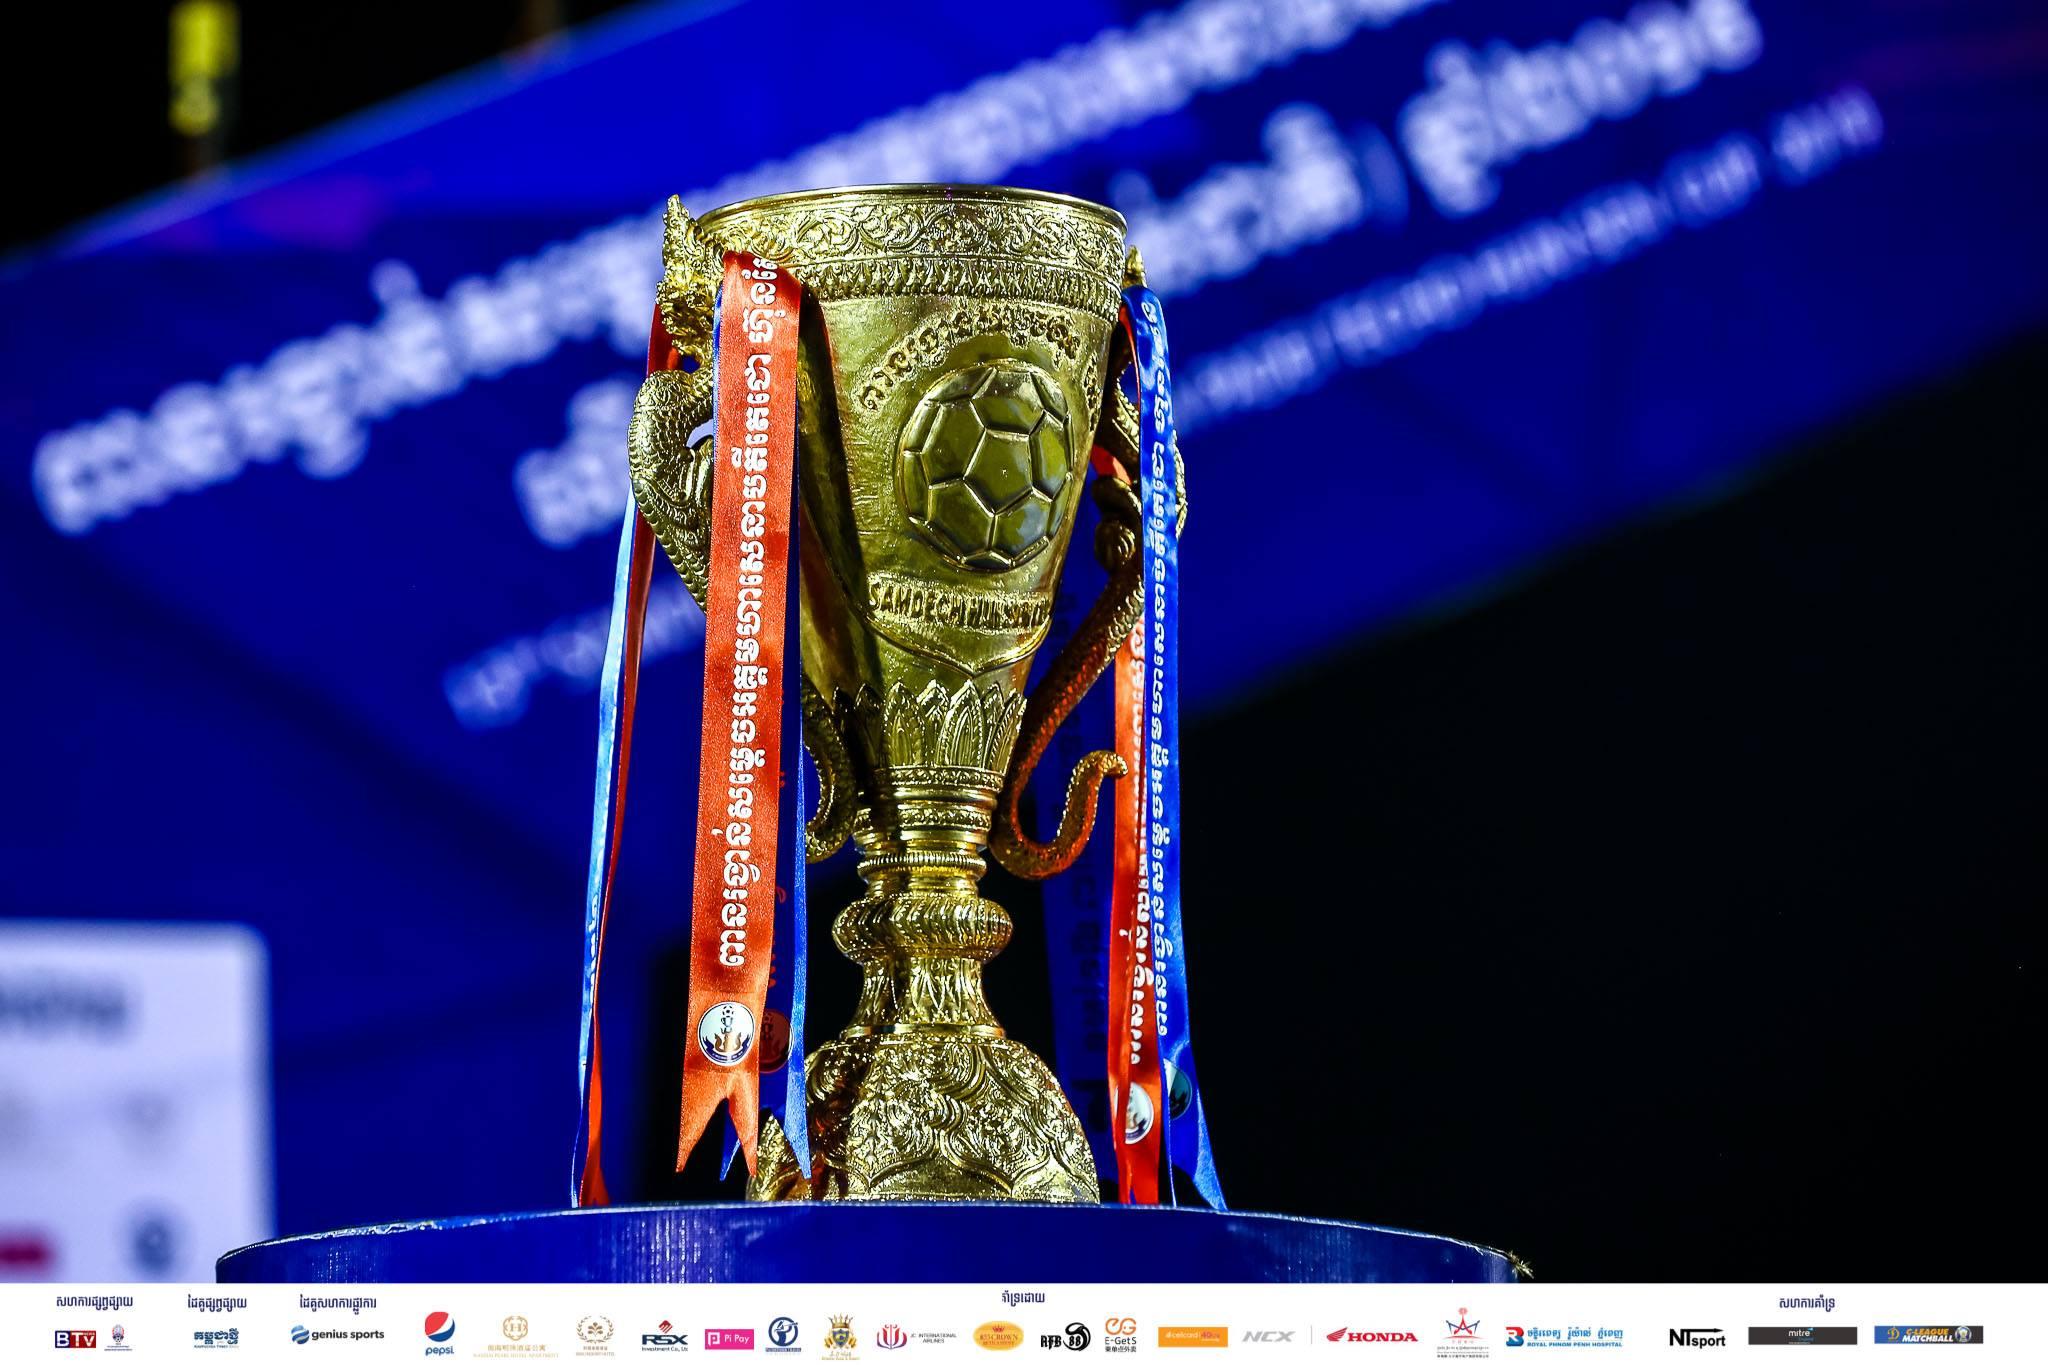 ប្រាក់រង្វាន់ Metfone Cambodian League ឡើងបាន ១៥០លានរៀលខណៈពាន Hun Sen Cup បានដល់ ១០០លានរៀល